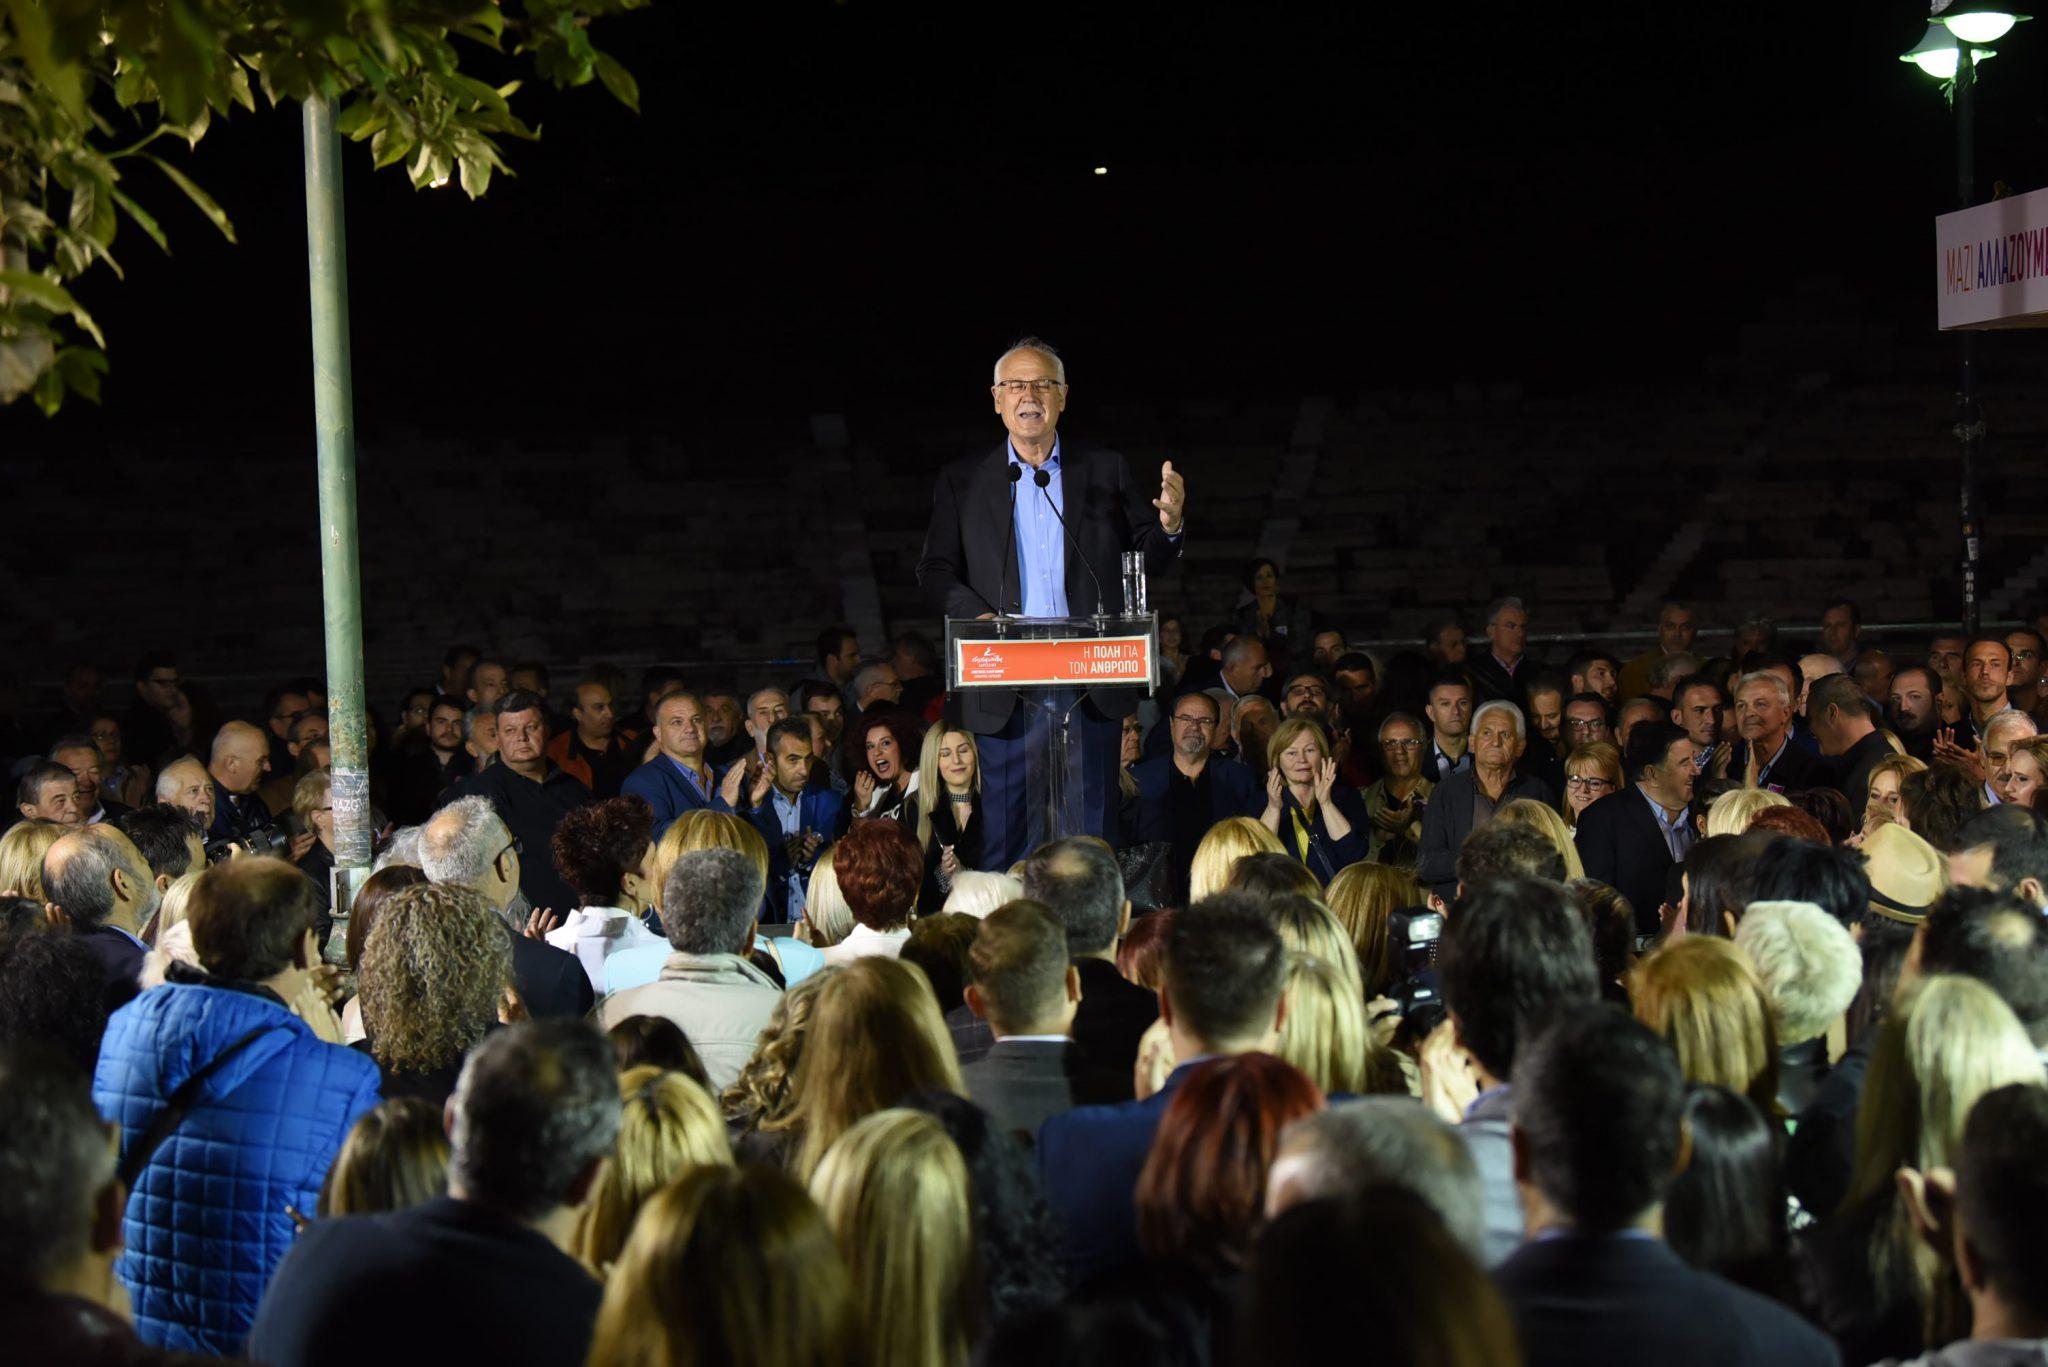 Στην Κεντρική Πλατεία αύριο η κεντρική ομιλία του Απόστολου Καλογιάννη